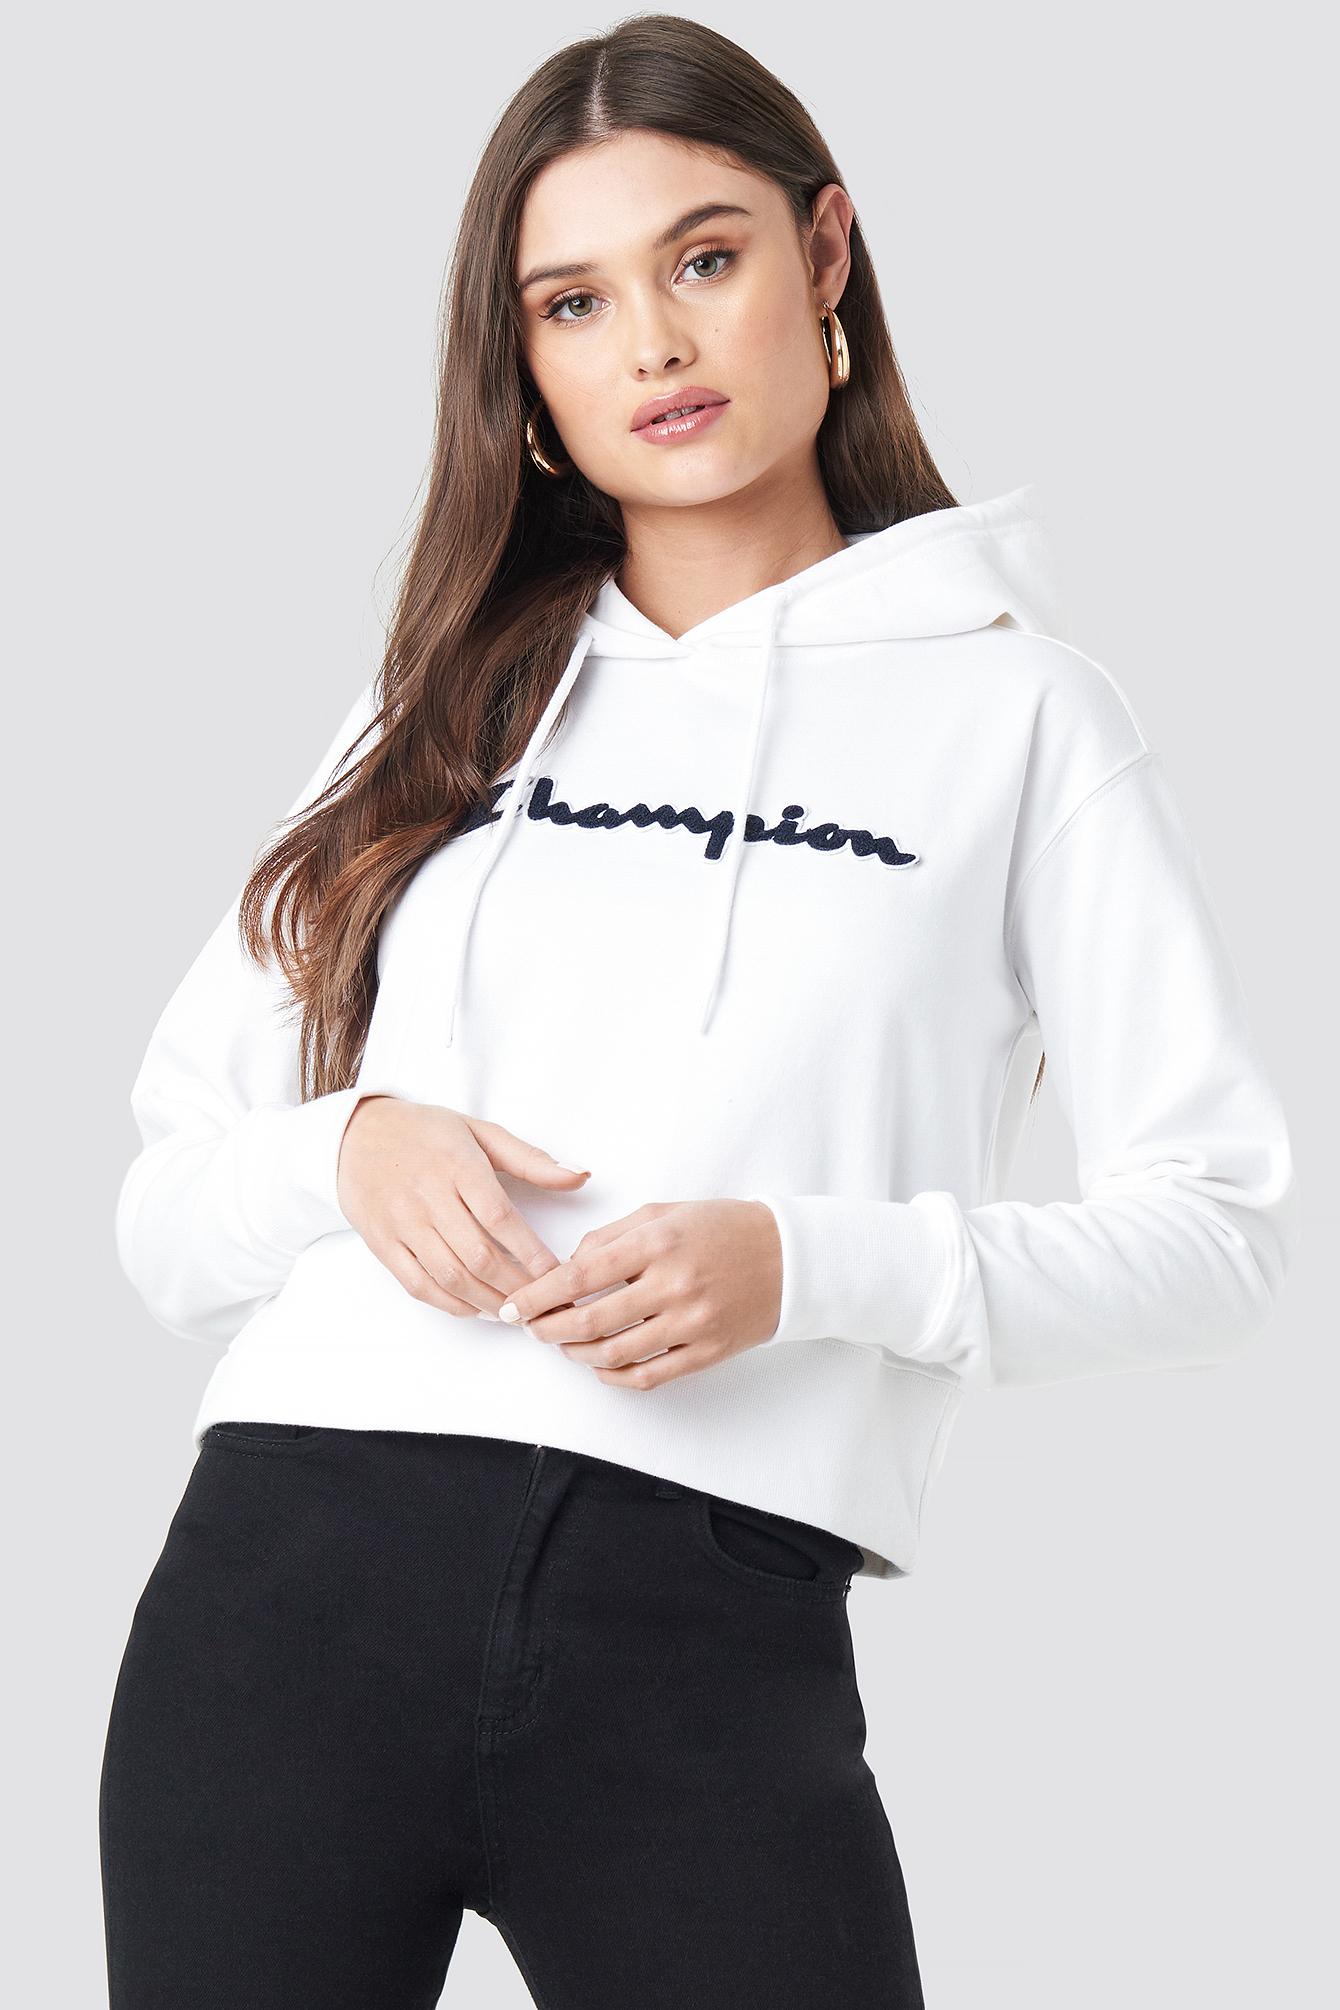 champion -  Hooded Sweatshirt 111850 - White